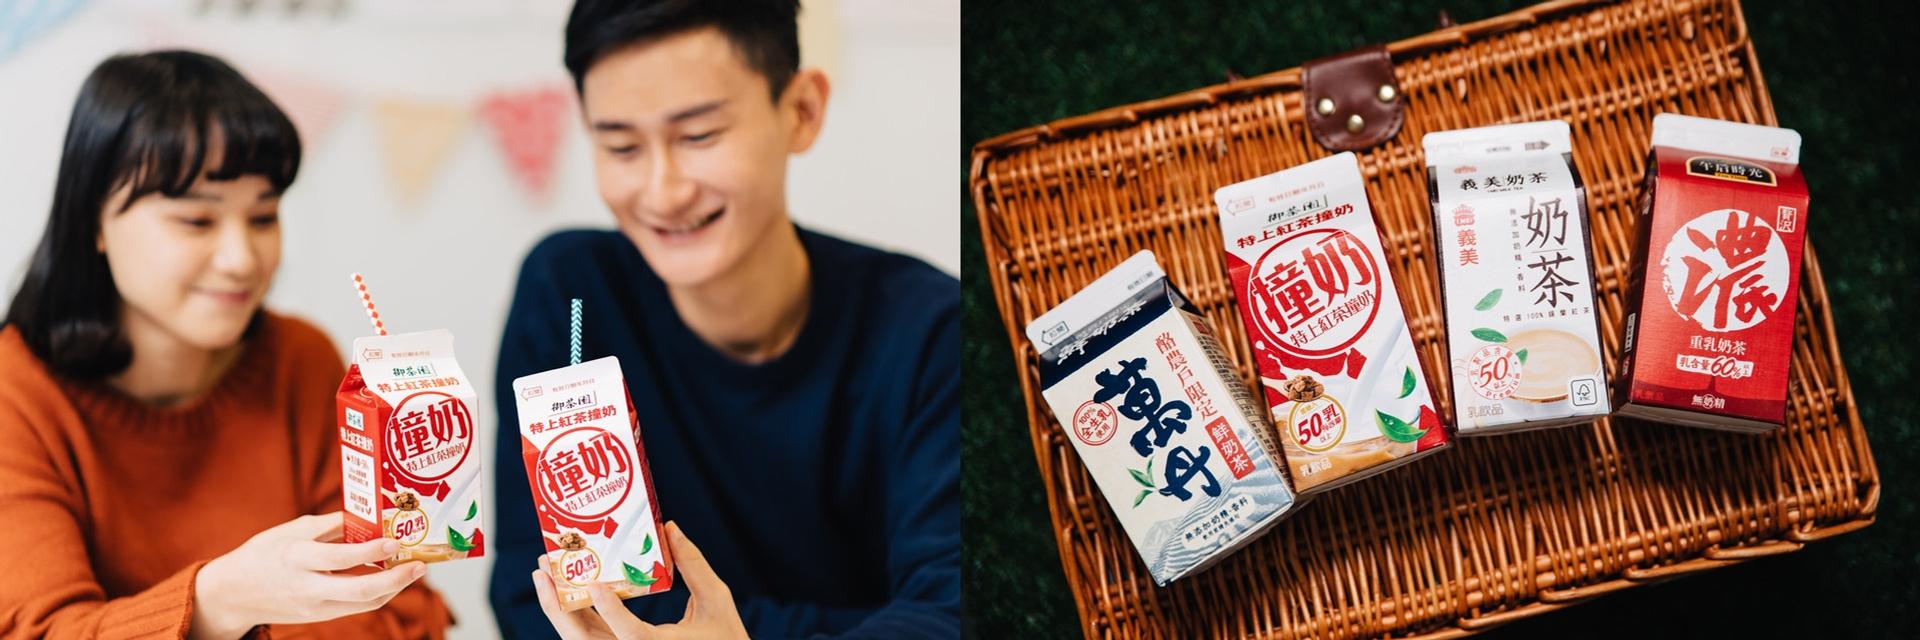 """【奶茶控必看】 編輯最愛奶茶評測大會,最後勝出的居然是""""它""""!"""